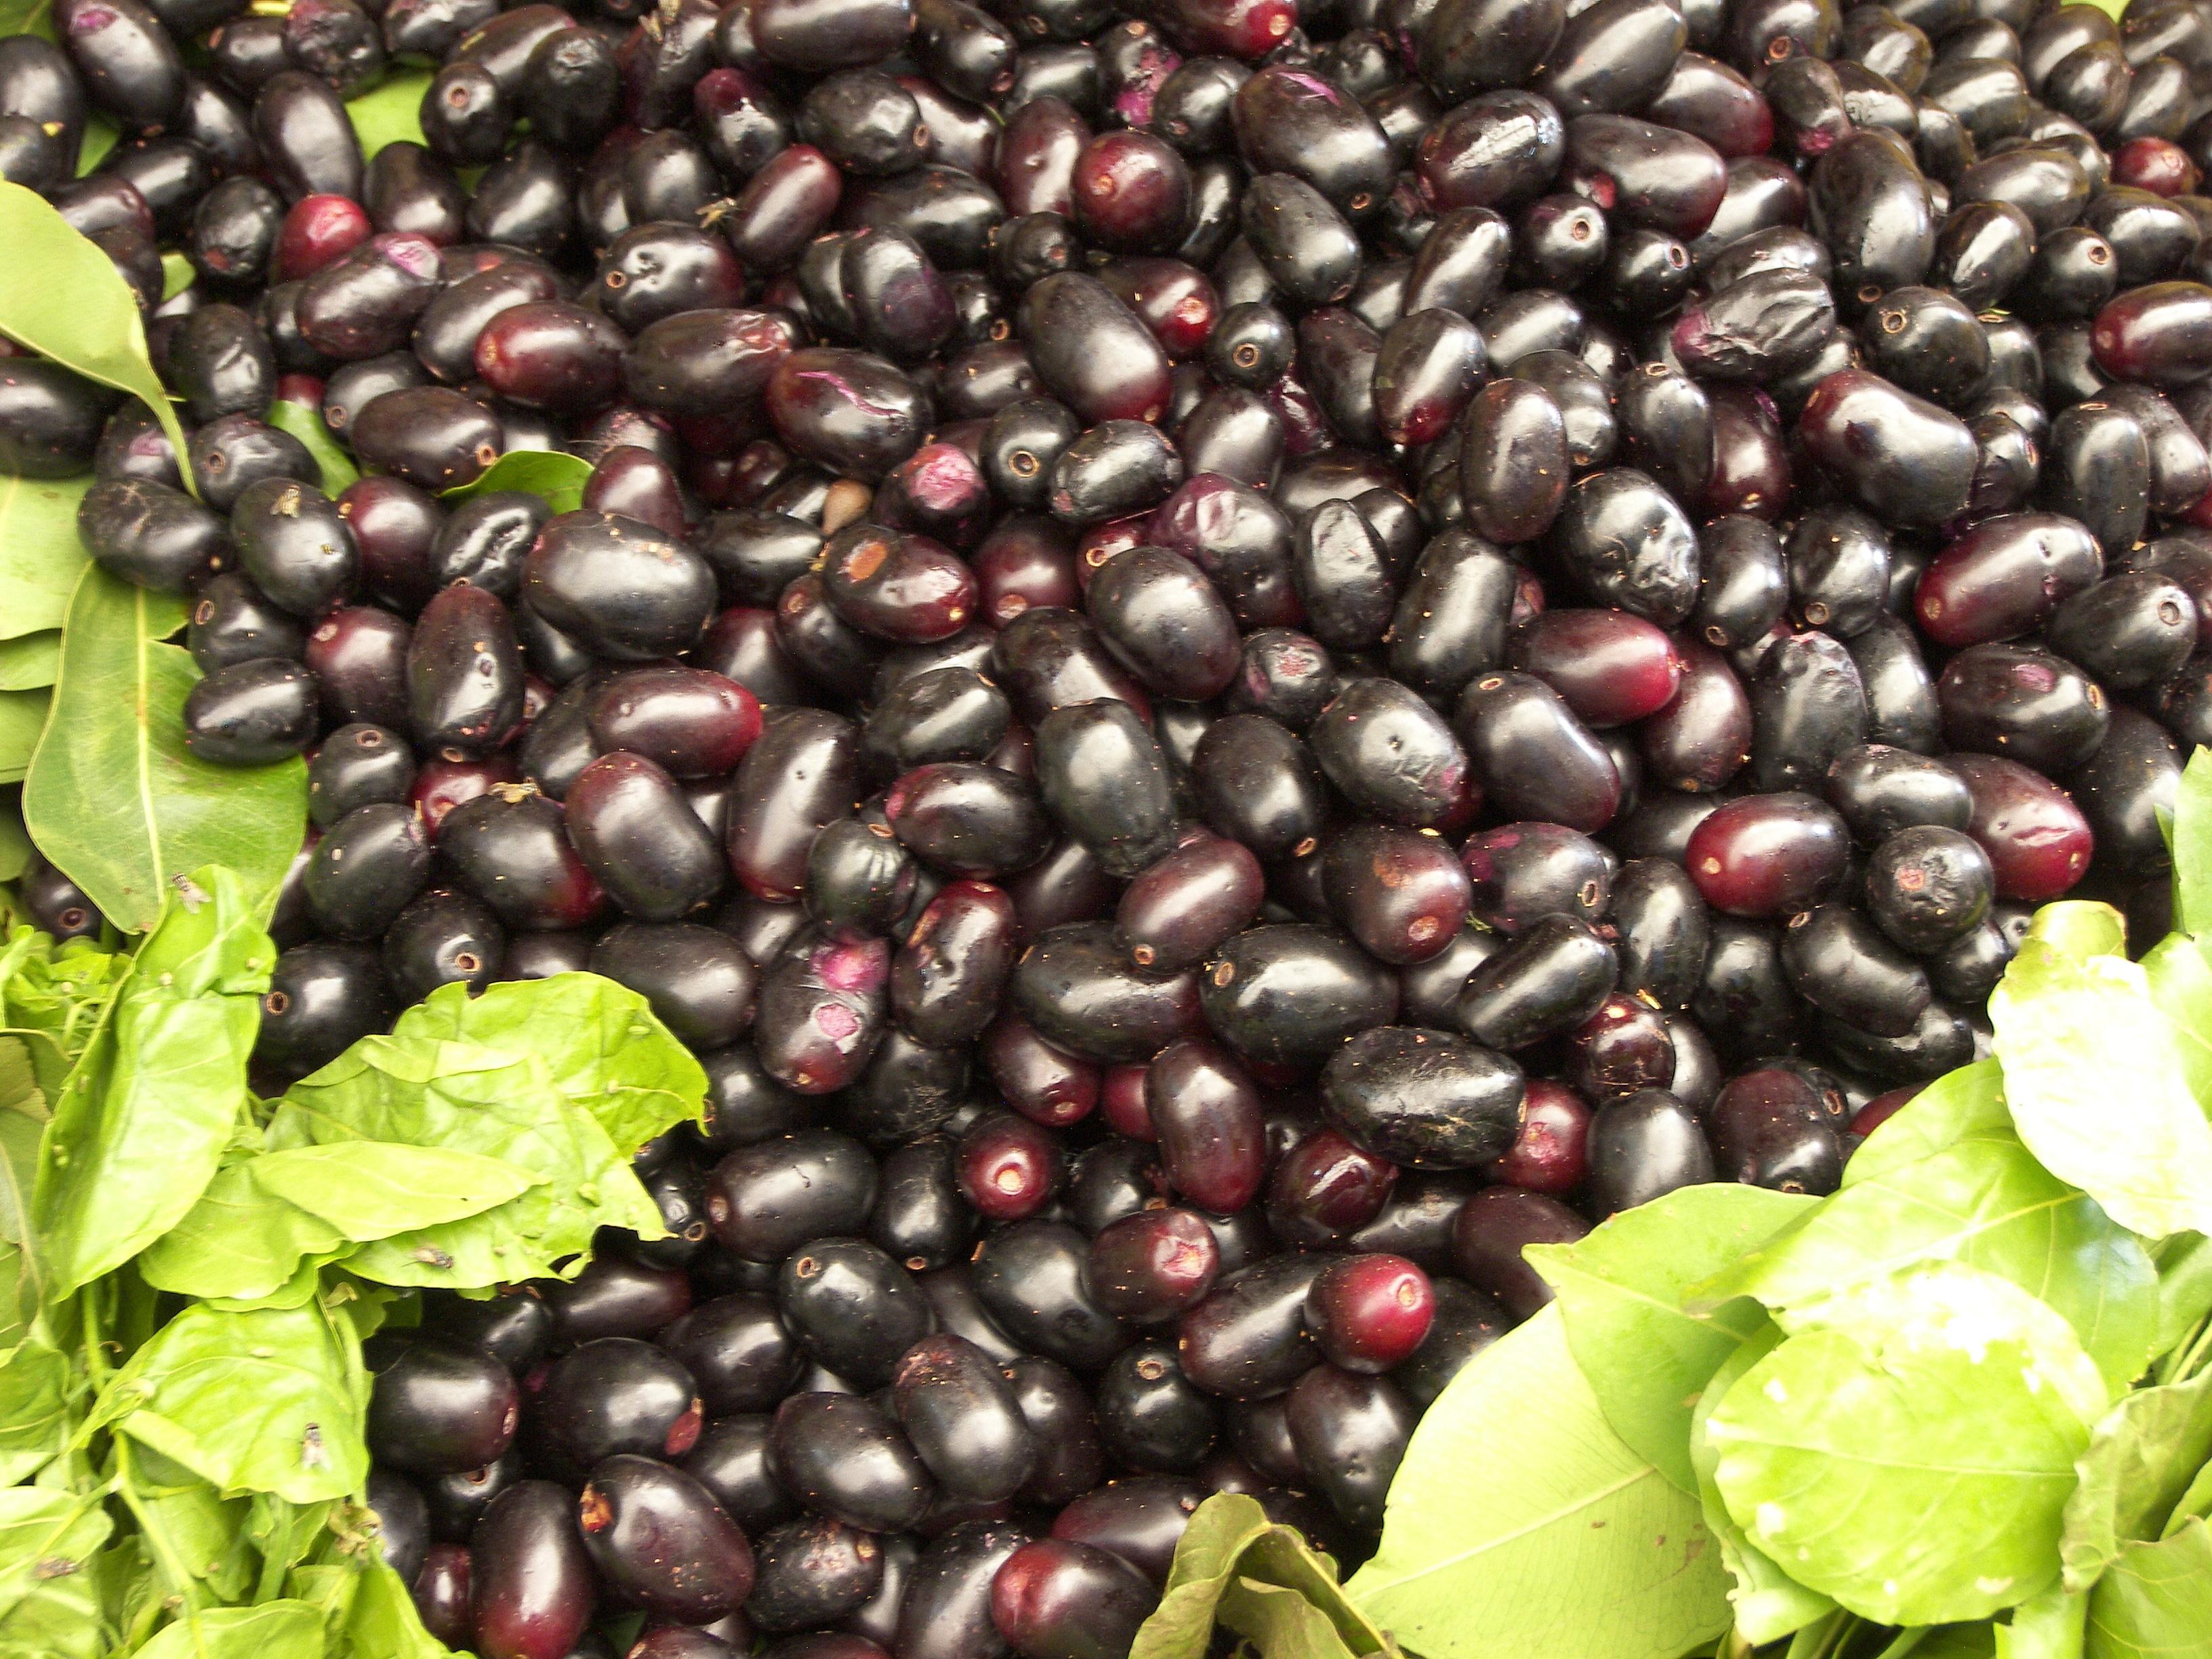 File:Ripe jamun fruits.jpg - Wikimedia Commons